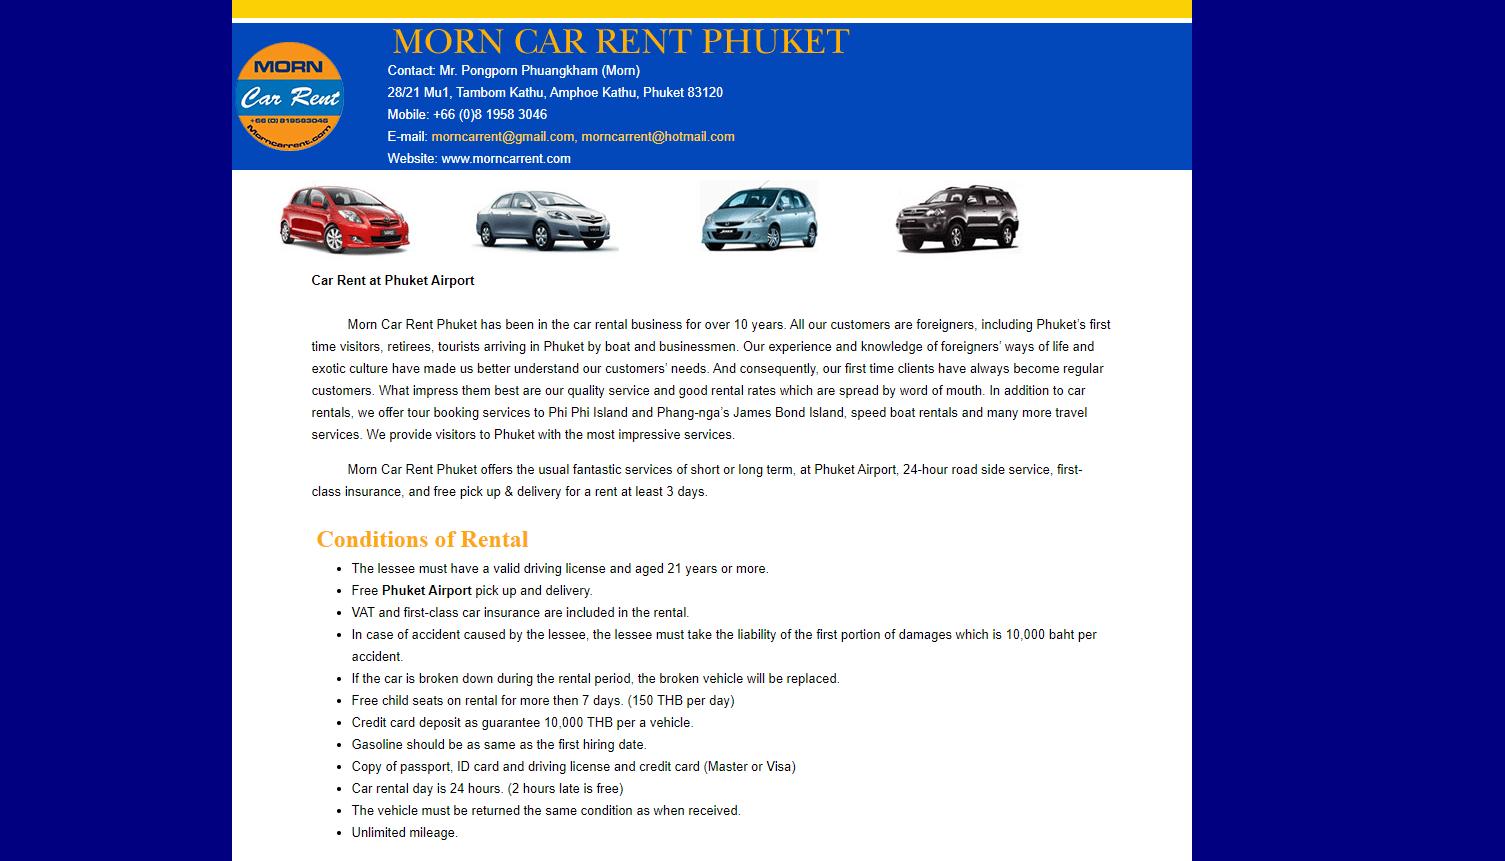 Morn Car Rent